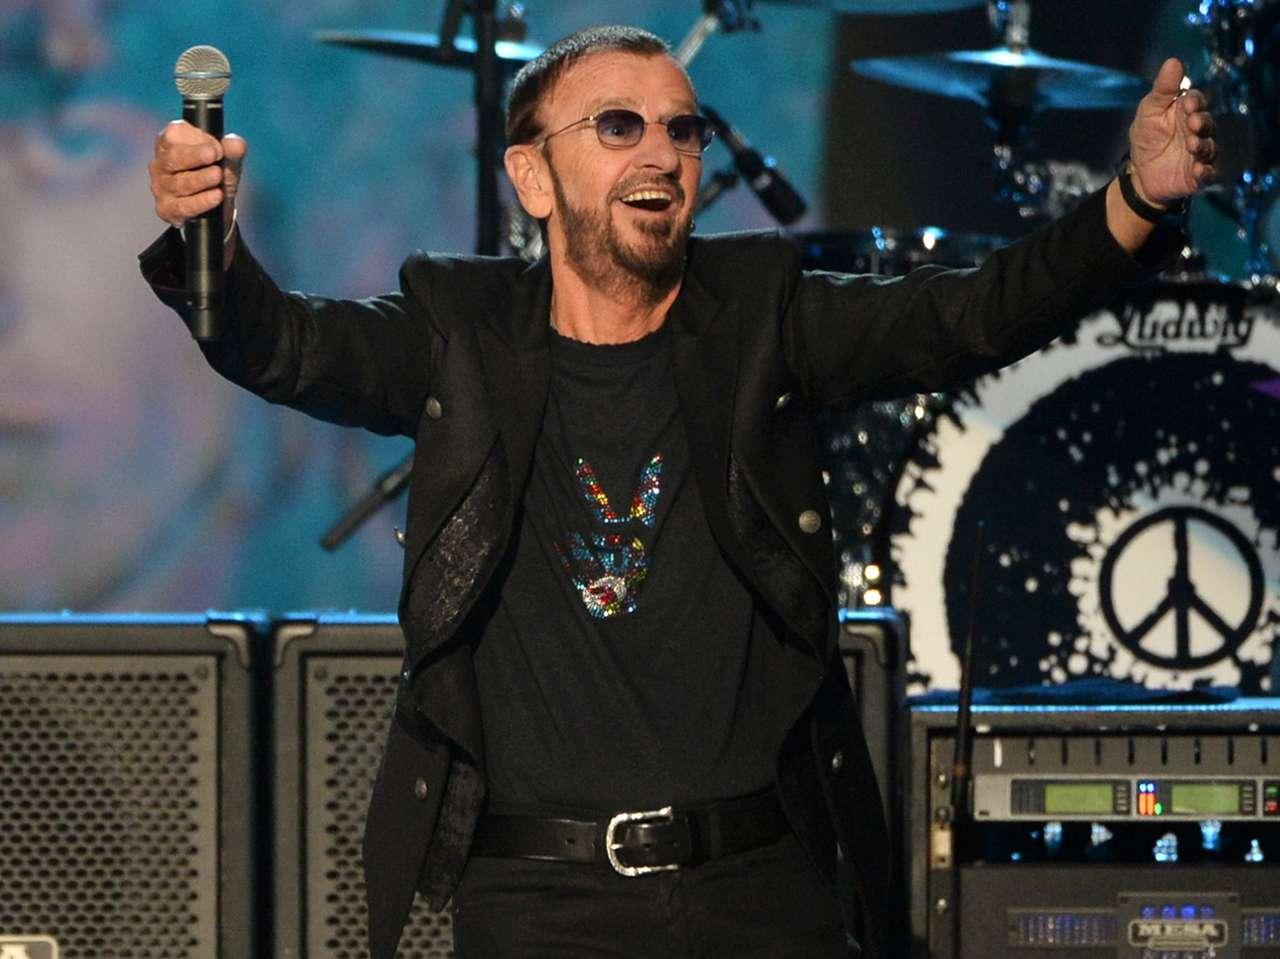 Los conciertos de Ringo Starr se caracterizan por presentar un popurrí de temas de The Beatles, sus éxitos como solista, además de dar espacio a cada uno de sus músicos para demostrar el virtuosismo que poseen con su instrumento. Foto: Getty Images